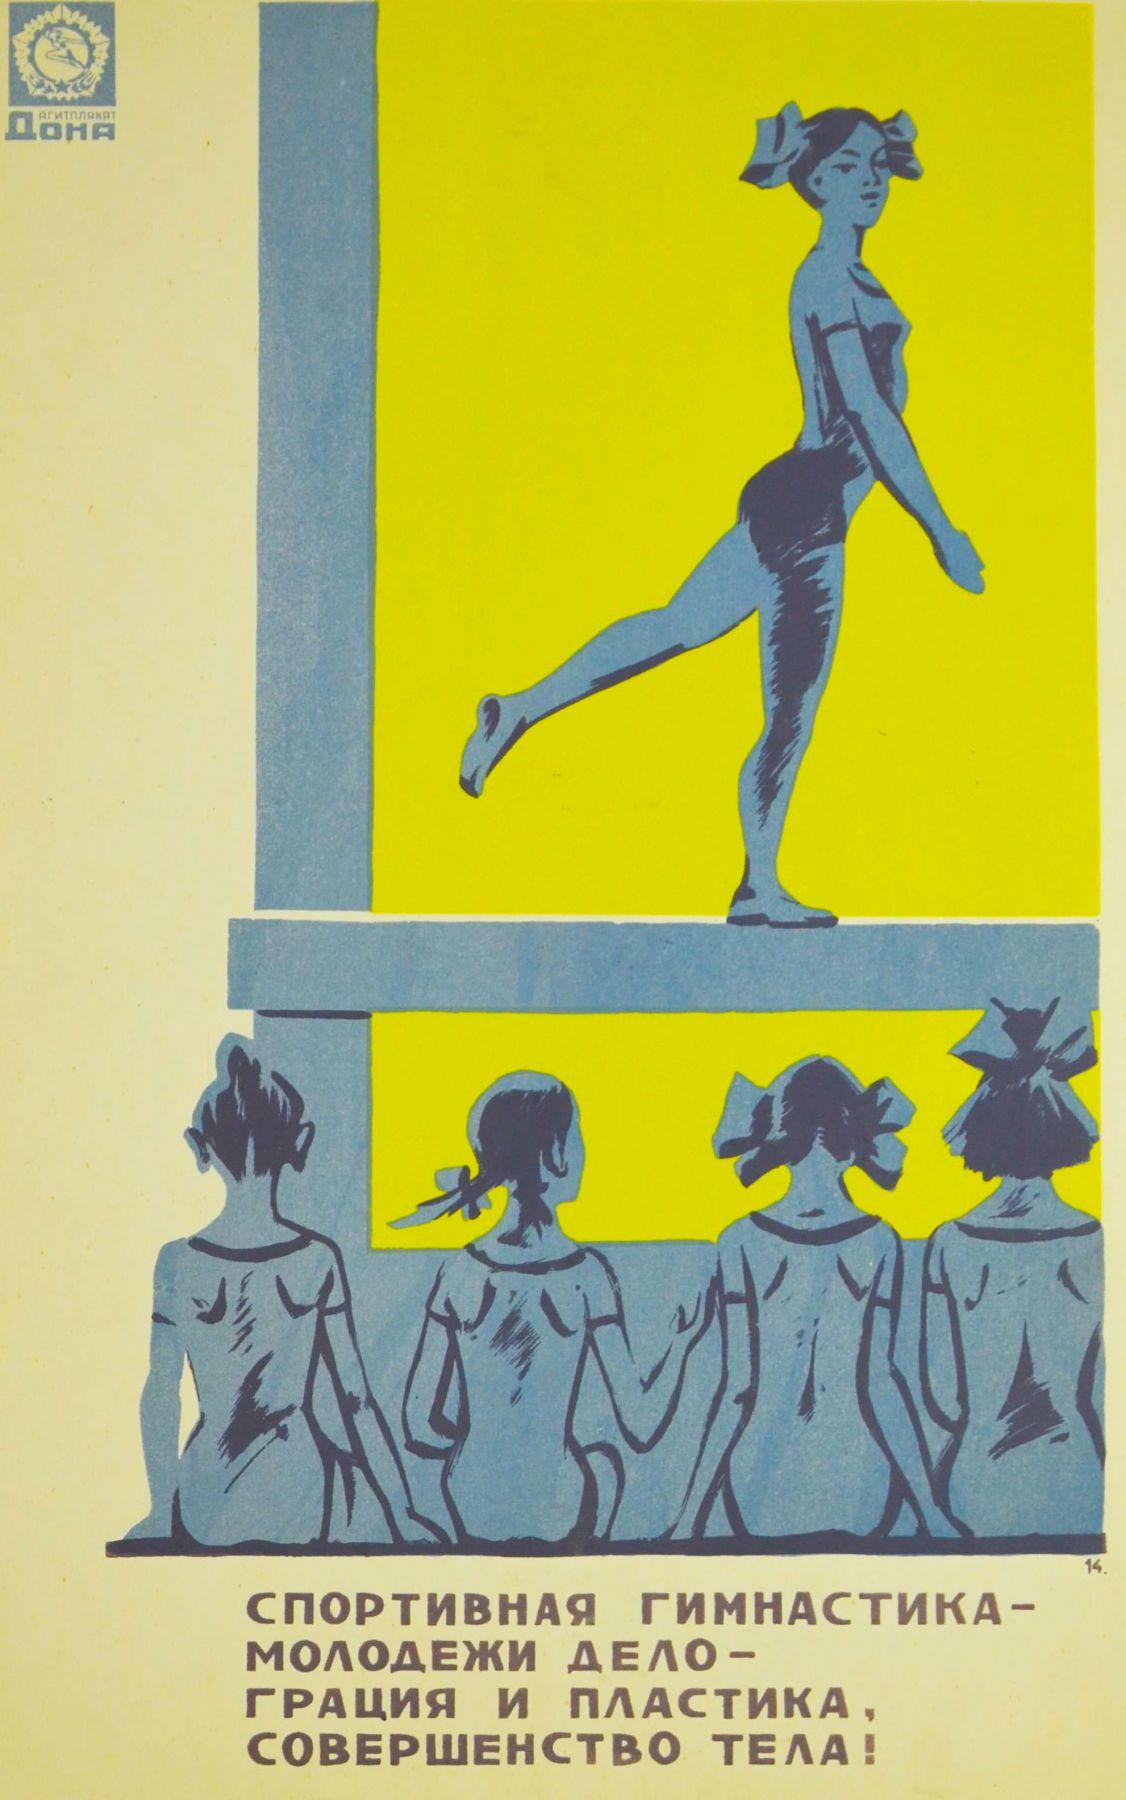 Спортивная гимнастика - Молодежи дело - Грация и пластика, Совершенство тела! Агитплакат Дона.